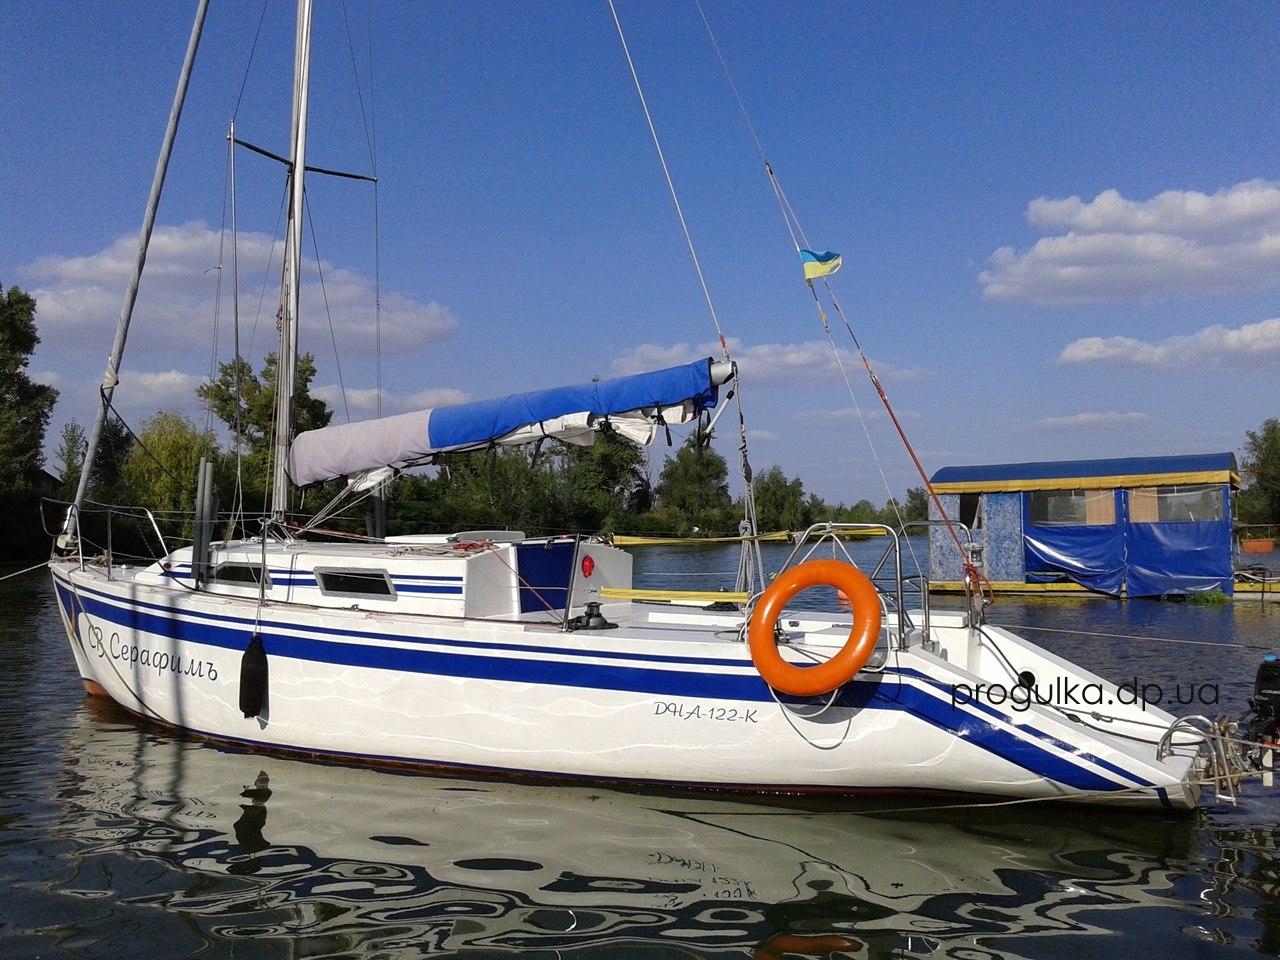 парусная яхта Серафим Днепропетровск